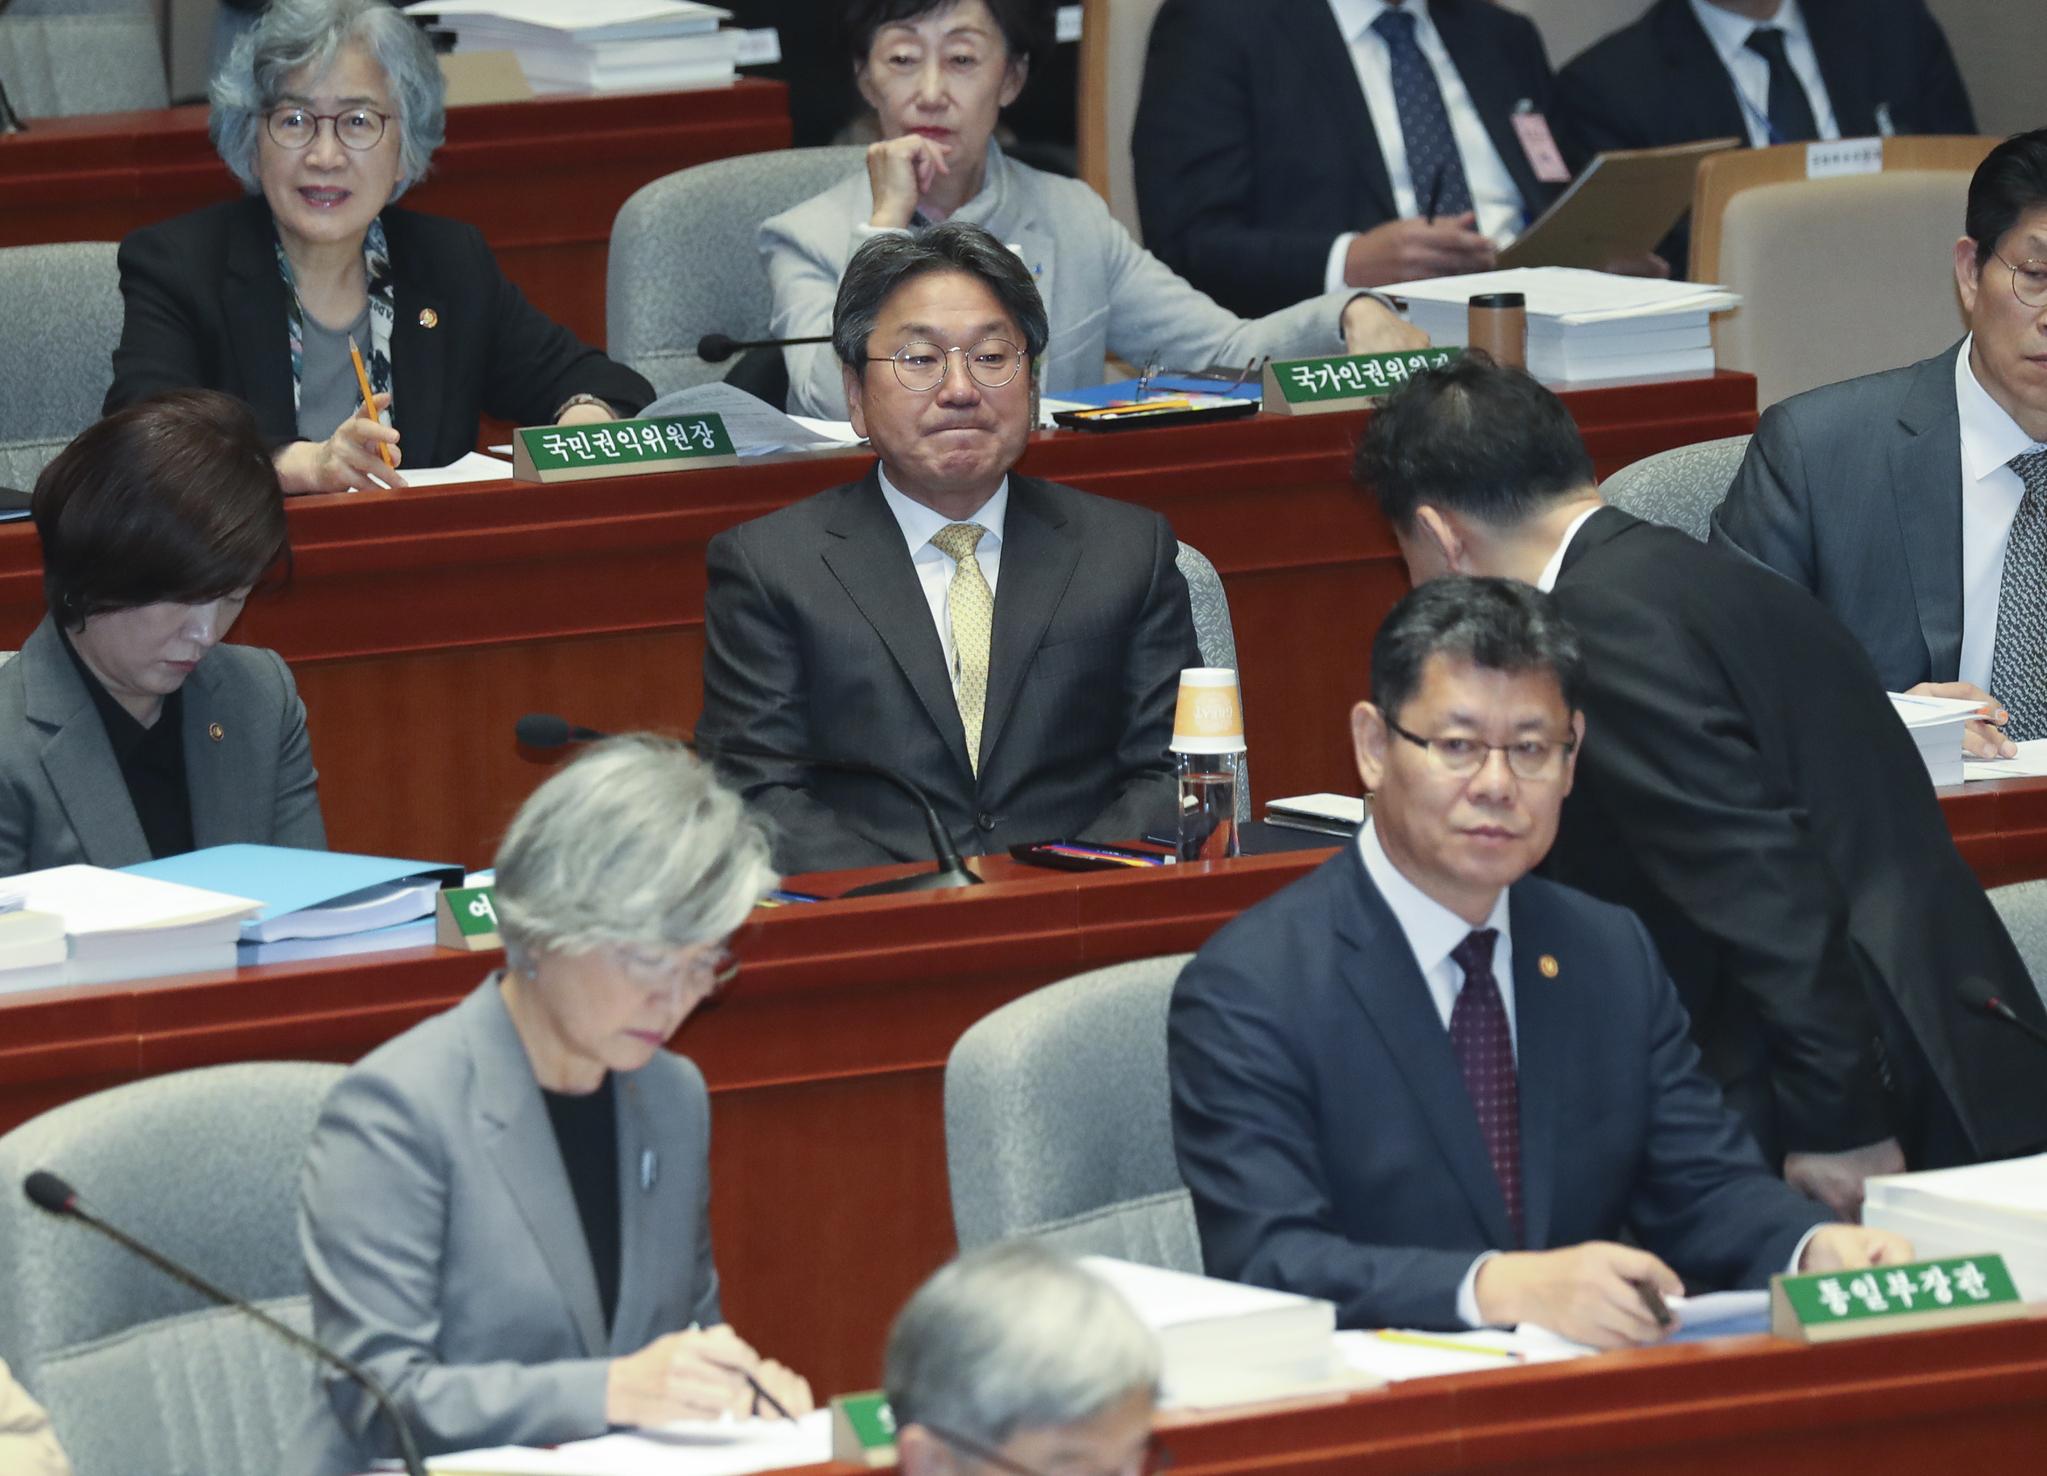 강기정 청와대 정무수석(가운데)이 6일 국회 예산결산특별위원회 전체회의에 참석해 김오수 법무부 차관(오른쪽)의 인사를 받고 있다. 임현동 기자